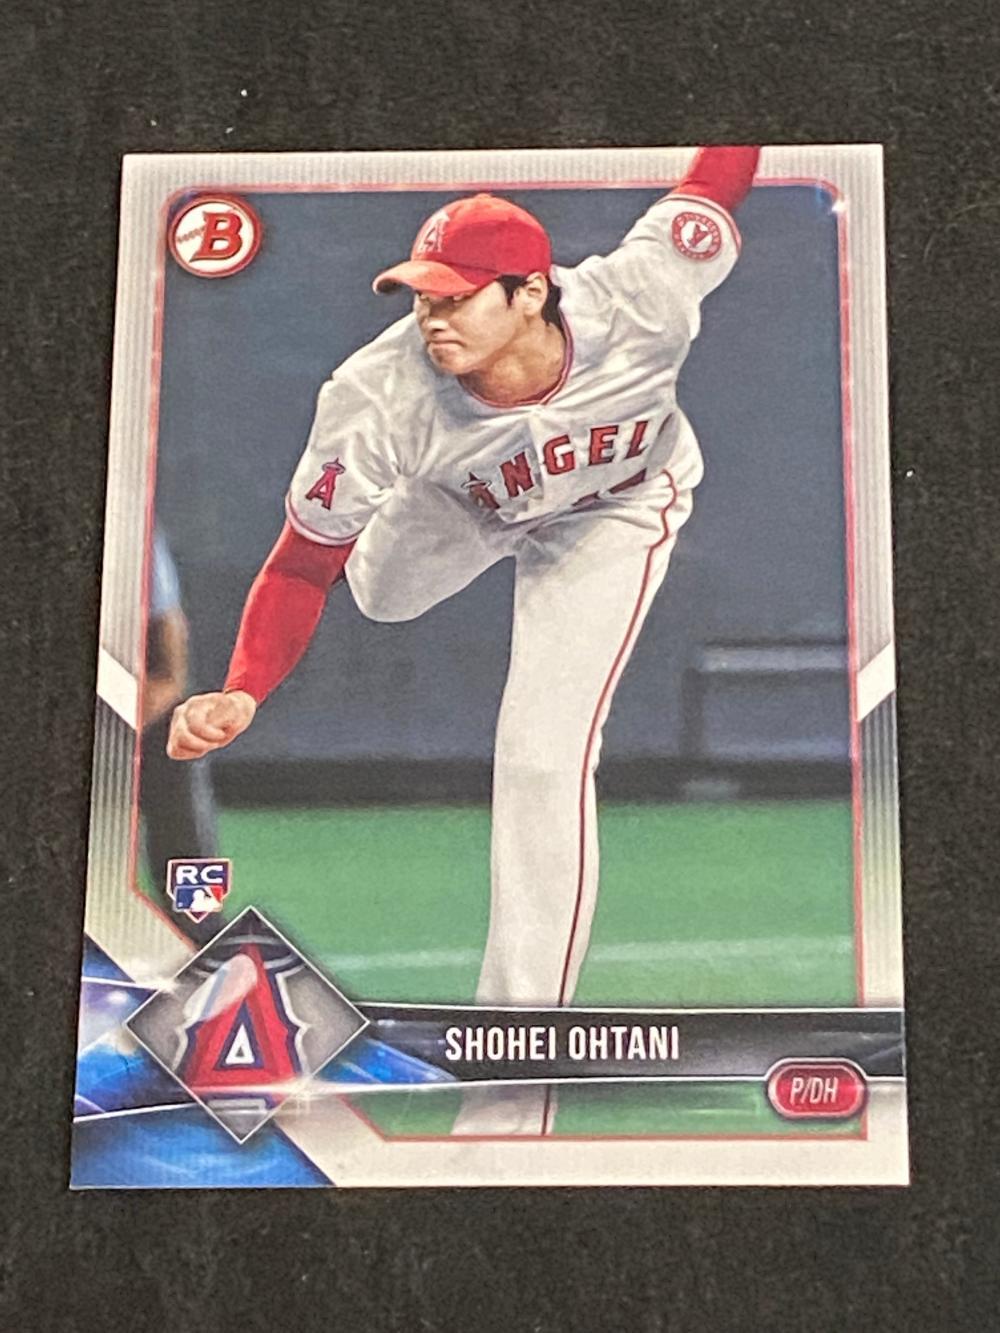 (Mint) 2018 Bowman RC Shohei Ohtani Rookie #49 Football Card